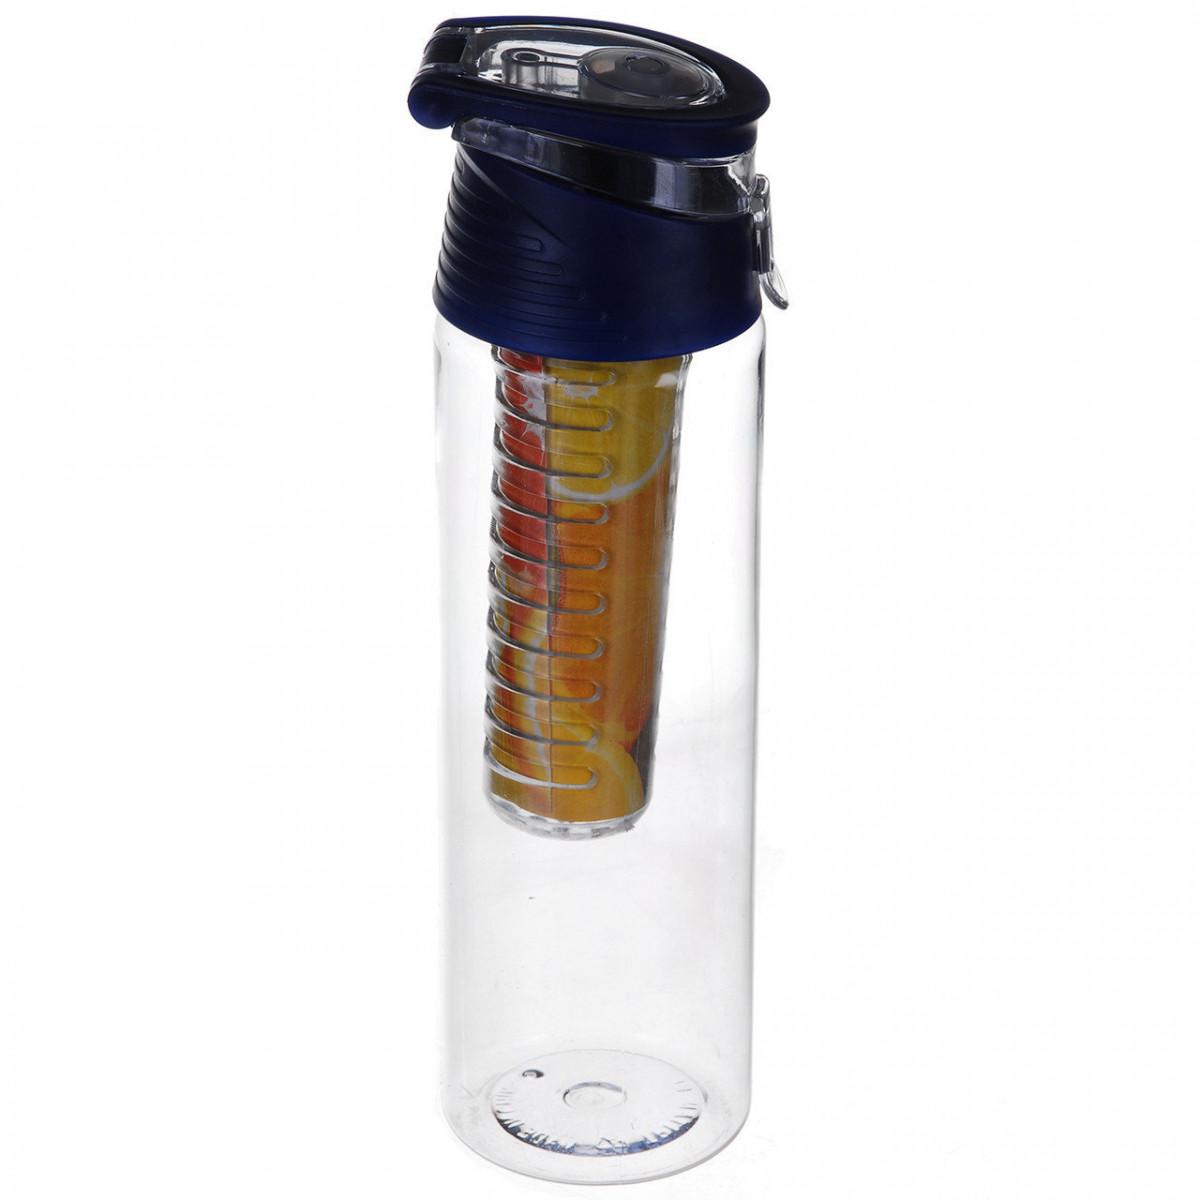 Бутылка для напитков Water Bottle с колбой под фруктов (синяя)